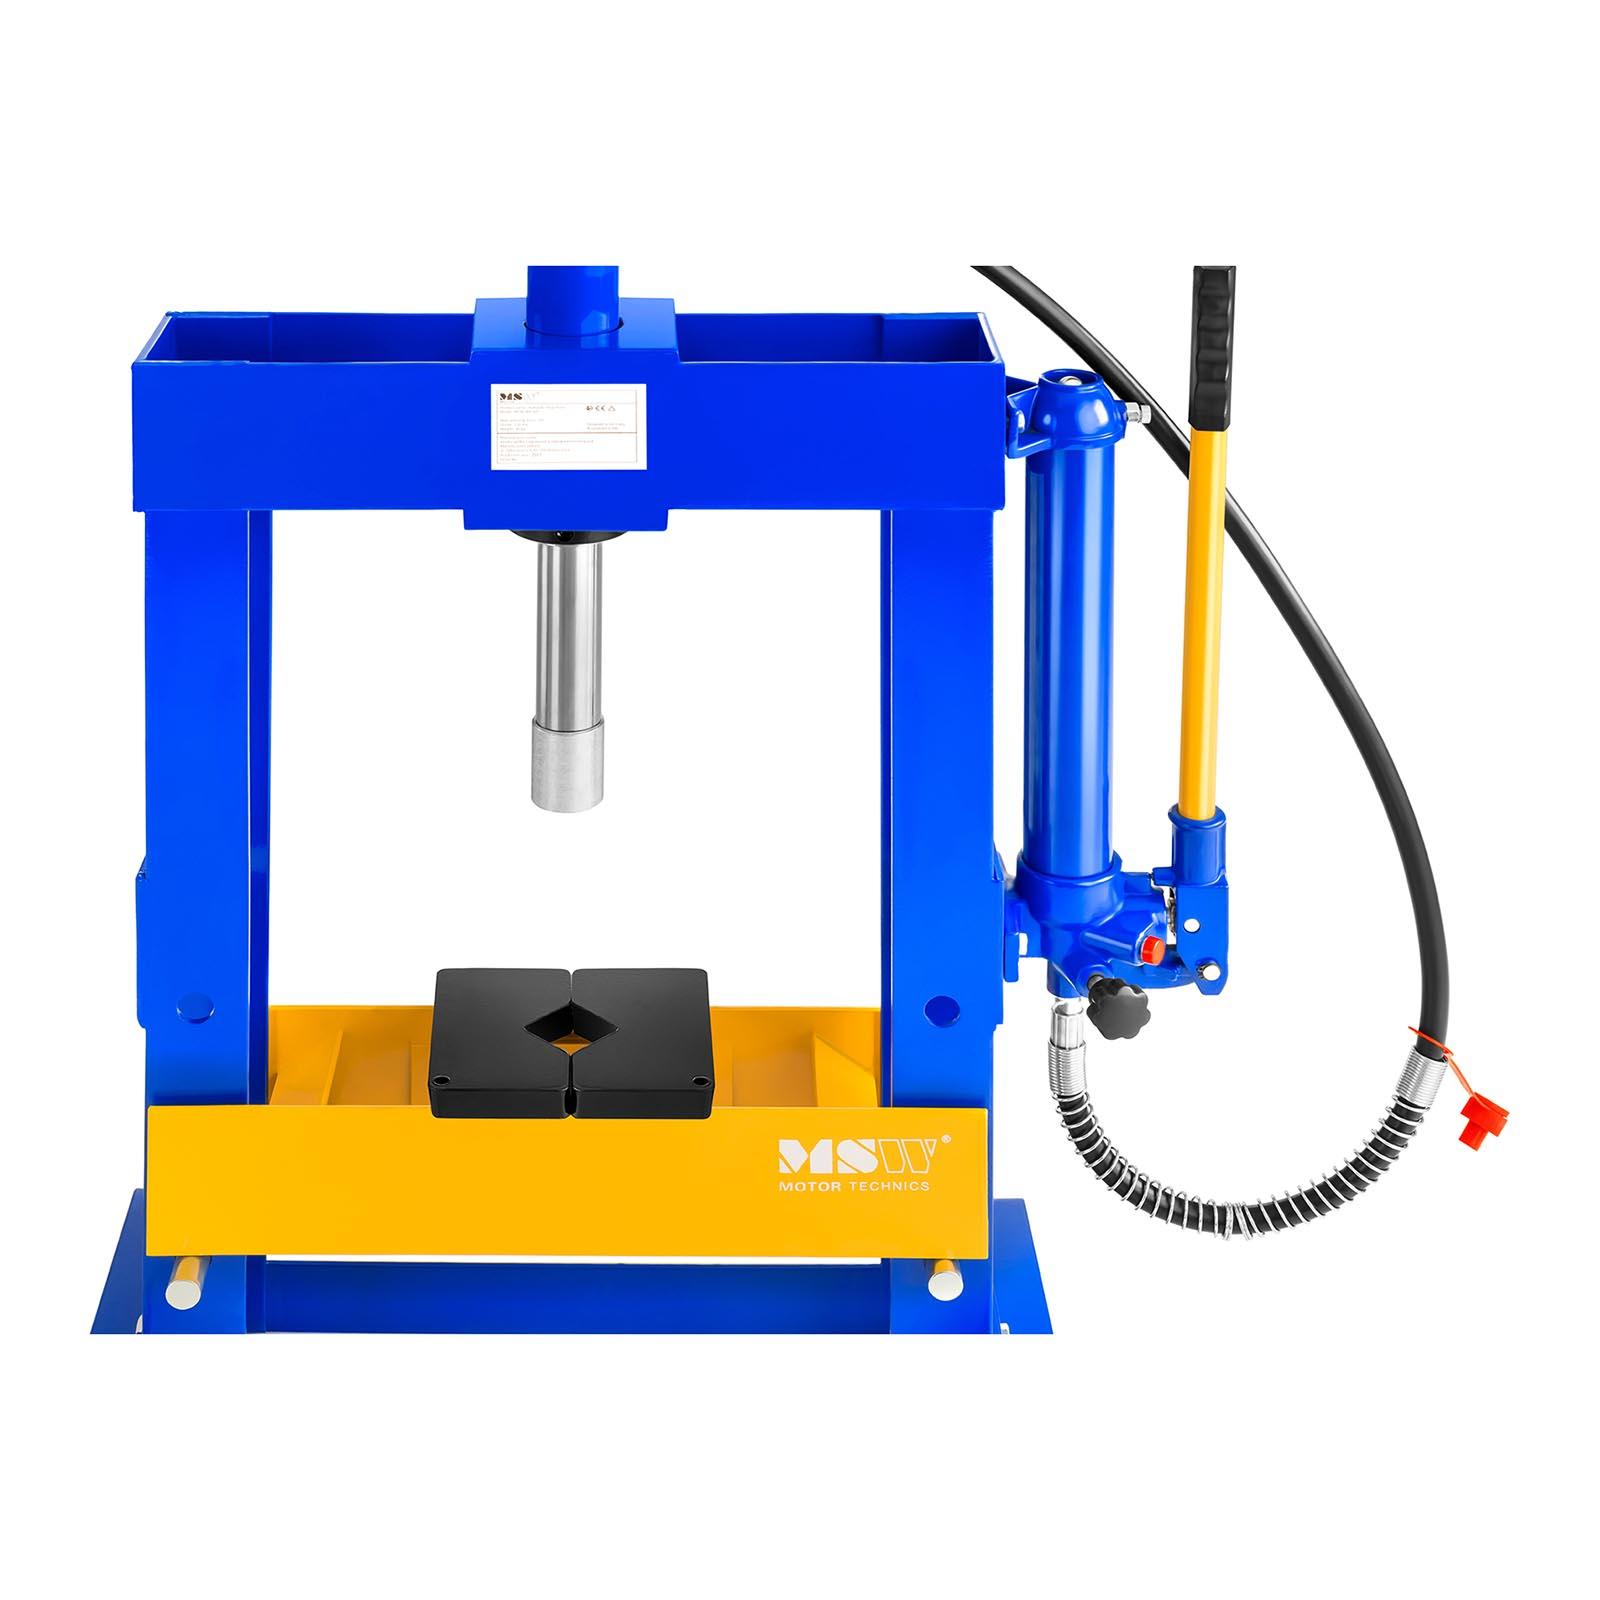 Pressa idraulica con manometro per officina 10 tonnellate for Pressa usata per officina